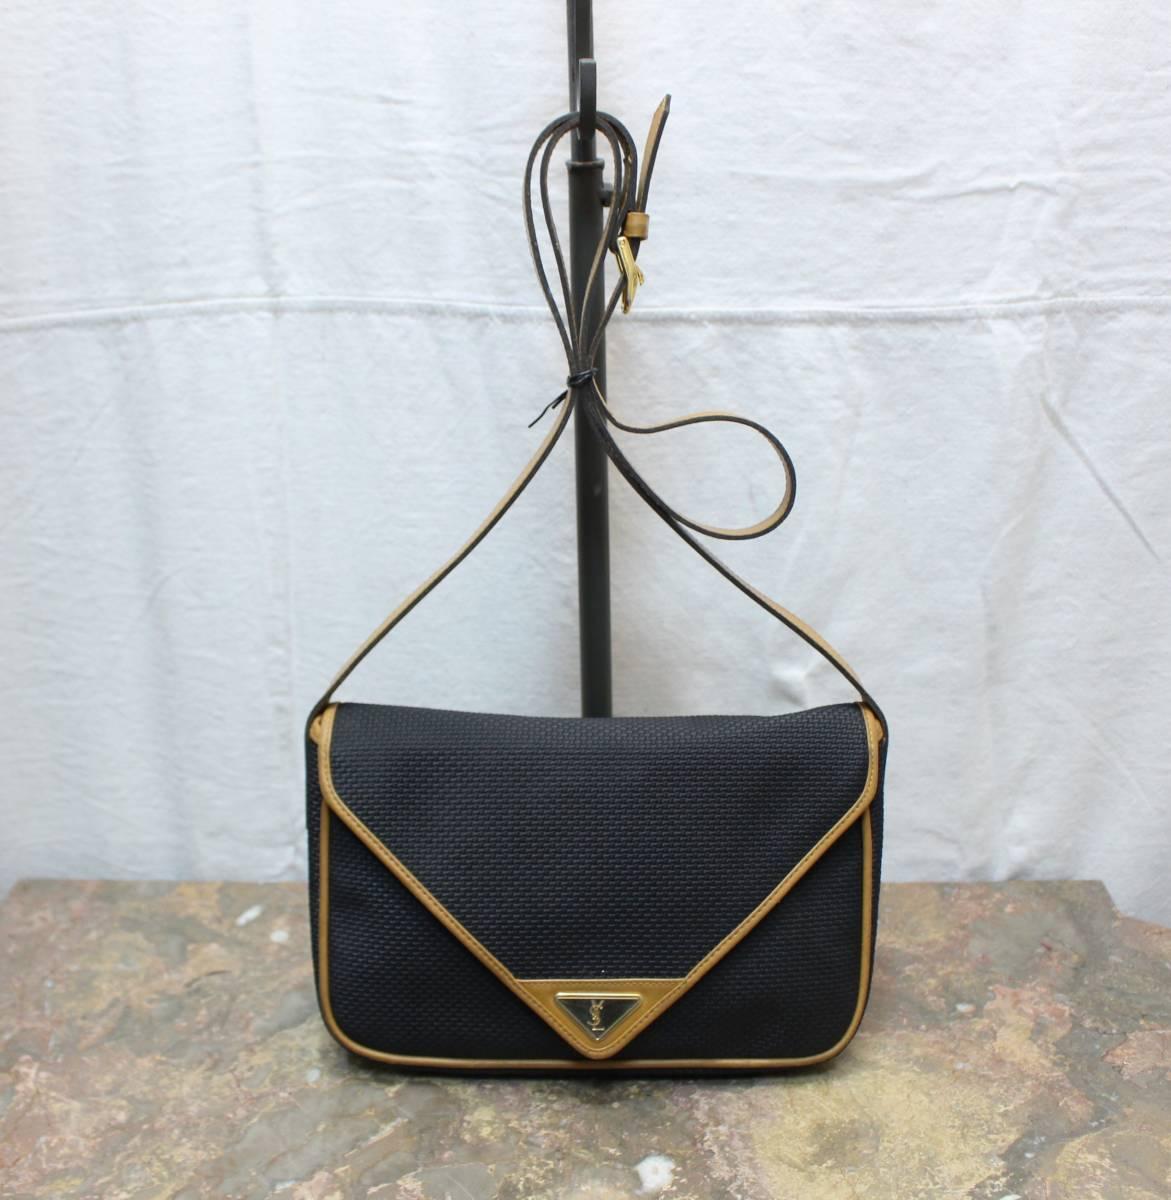 7401a037d6ec5 OLD YVES SAINT LAURENT LOGO SHOULDER BAG MADE IN FRANCE  Old Yves Saint- Laurent Logo shoulder bag